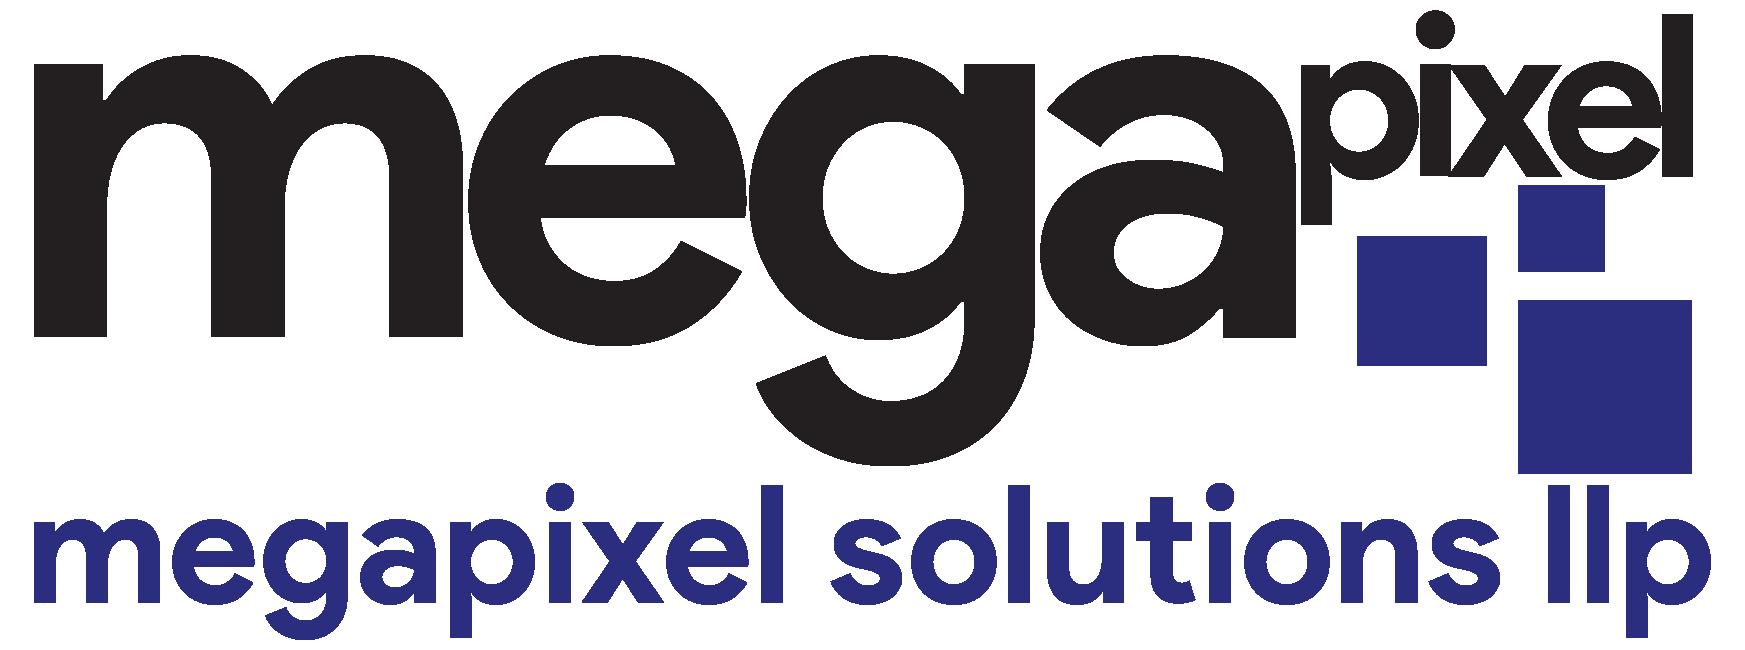 Megapixel Solutions